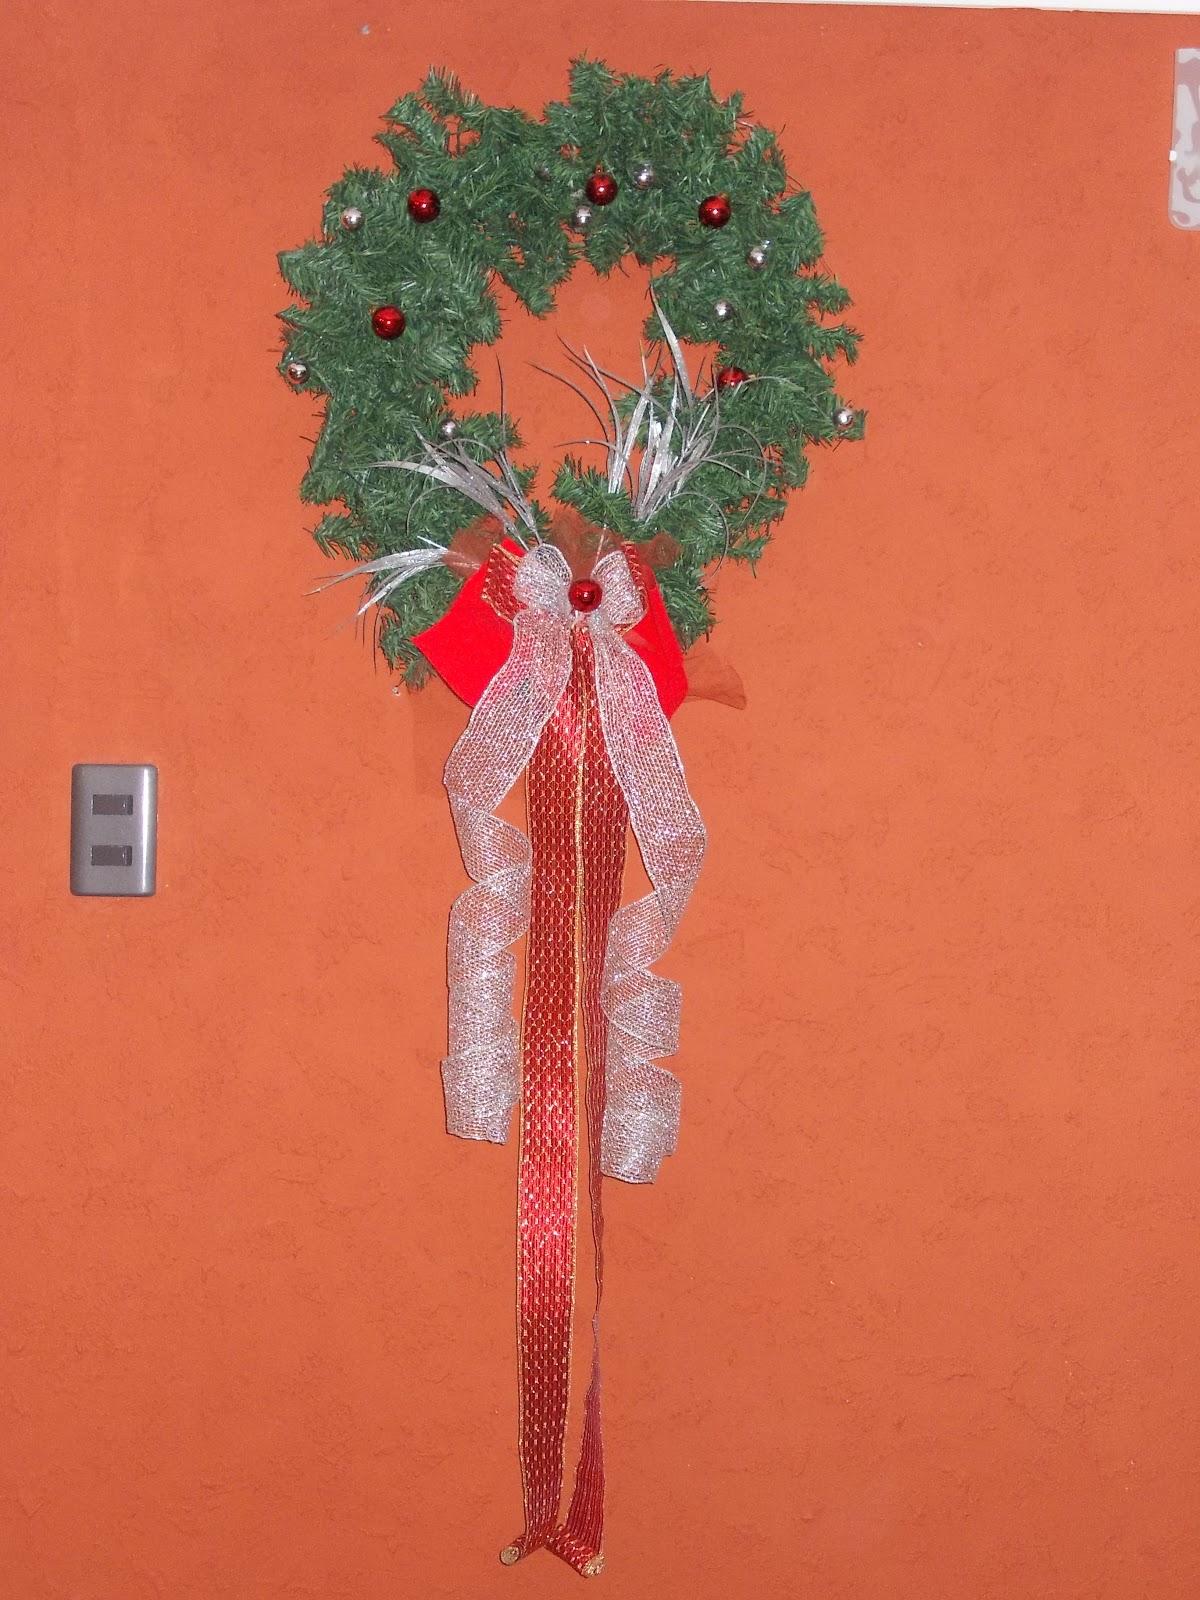 Adornos Y Regalos De Navidad Corona Colgante Adorno